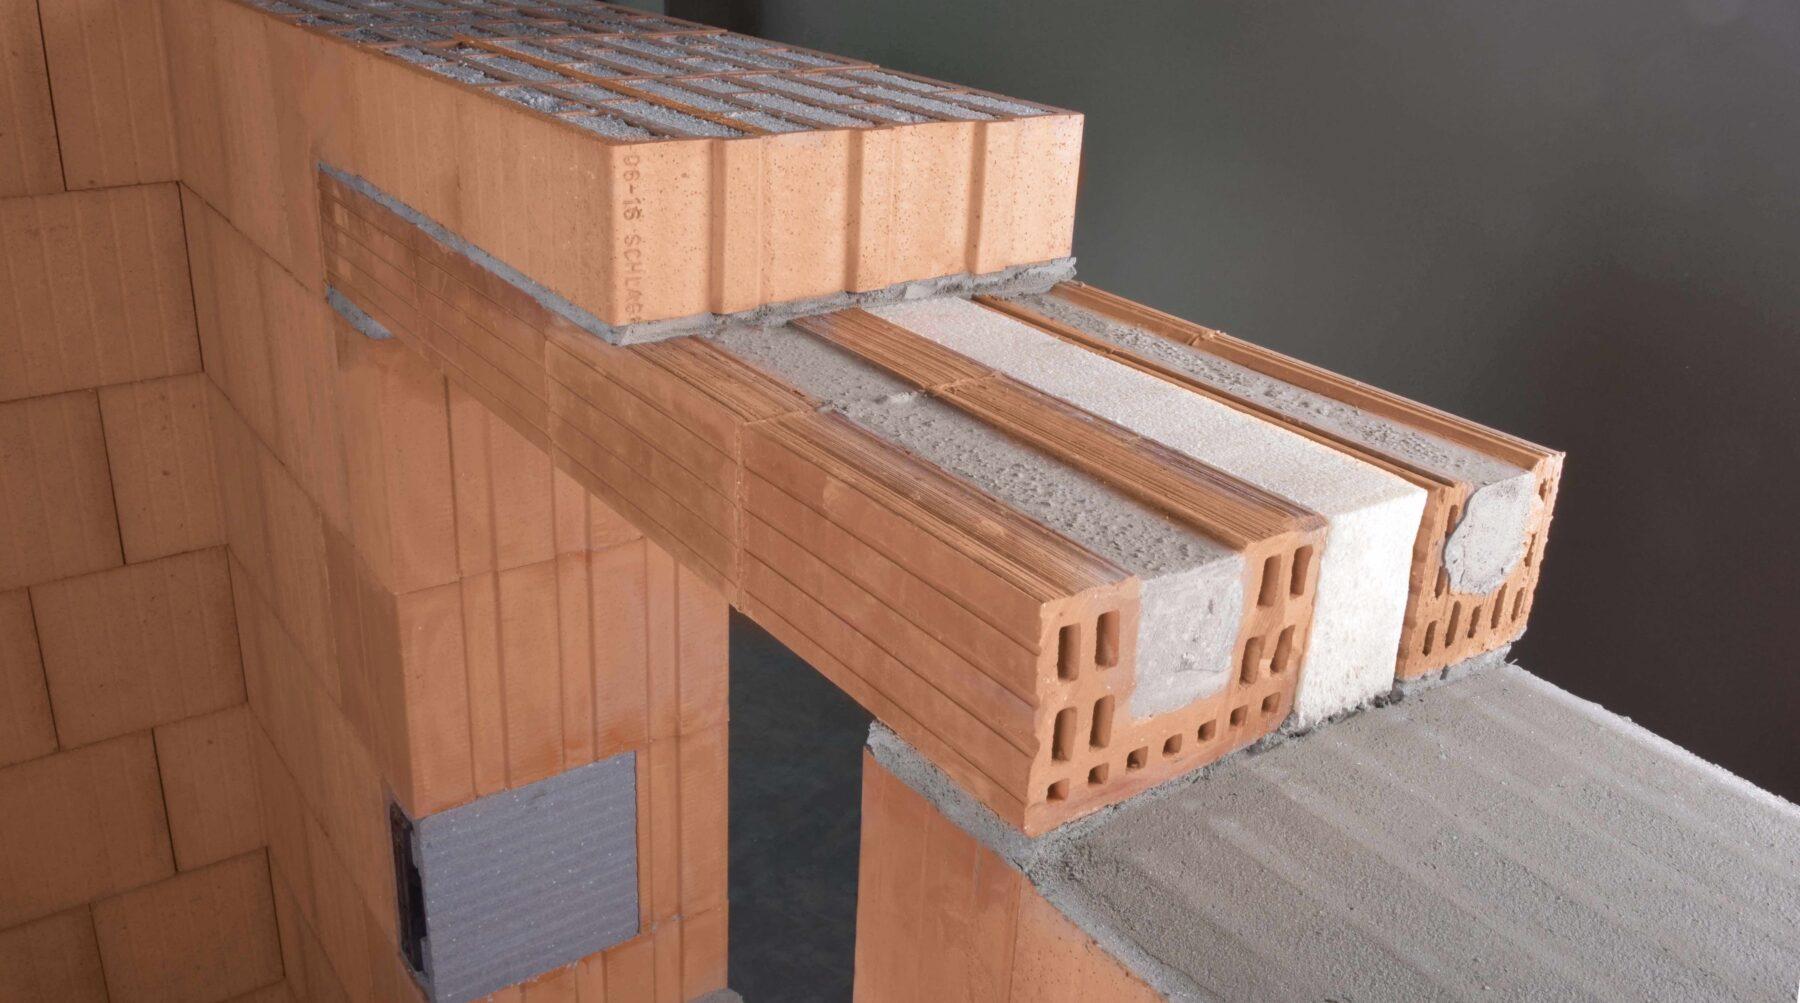 Porosierte Hintermauerziegel müssten mit biogenen Luftporenbildnern hergestellt werden. Foto: Schlagmann Poroton